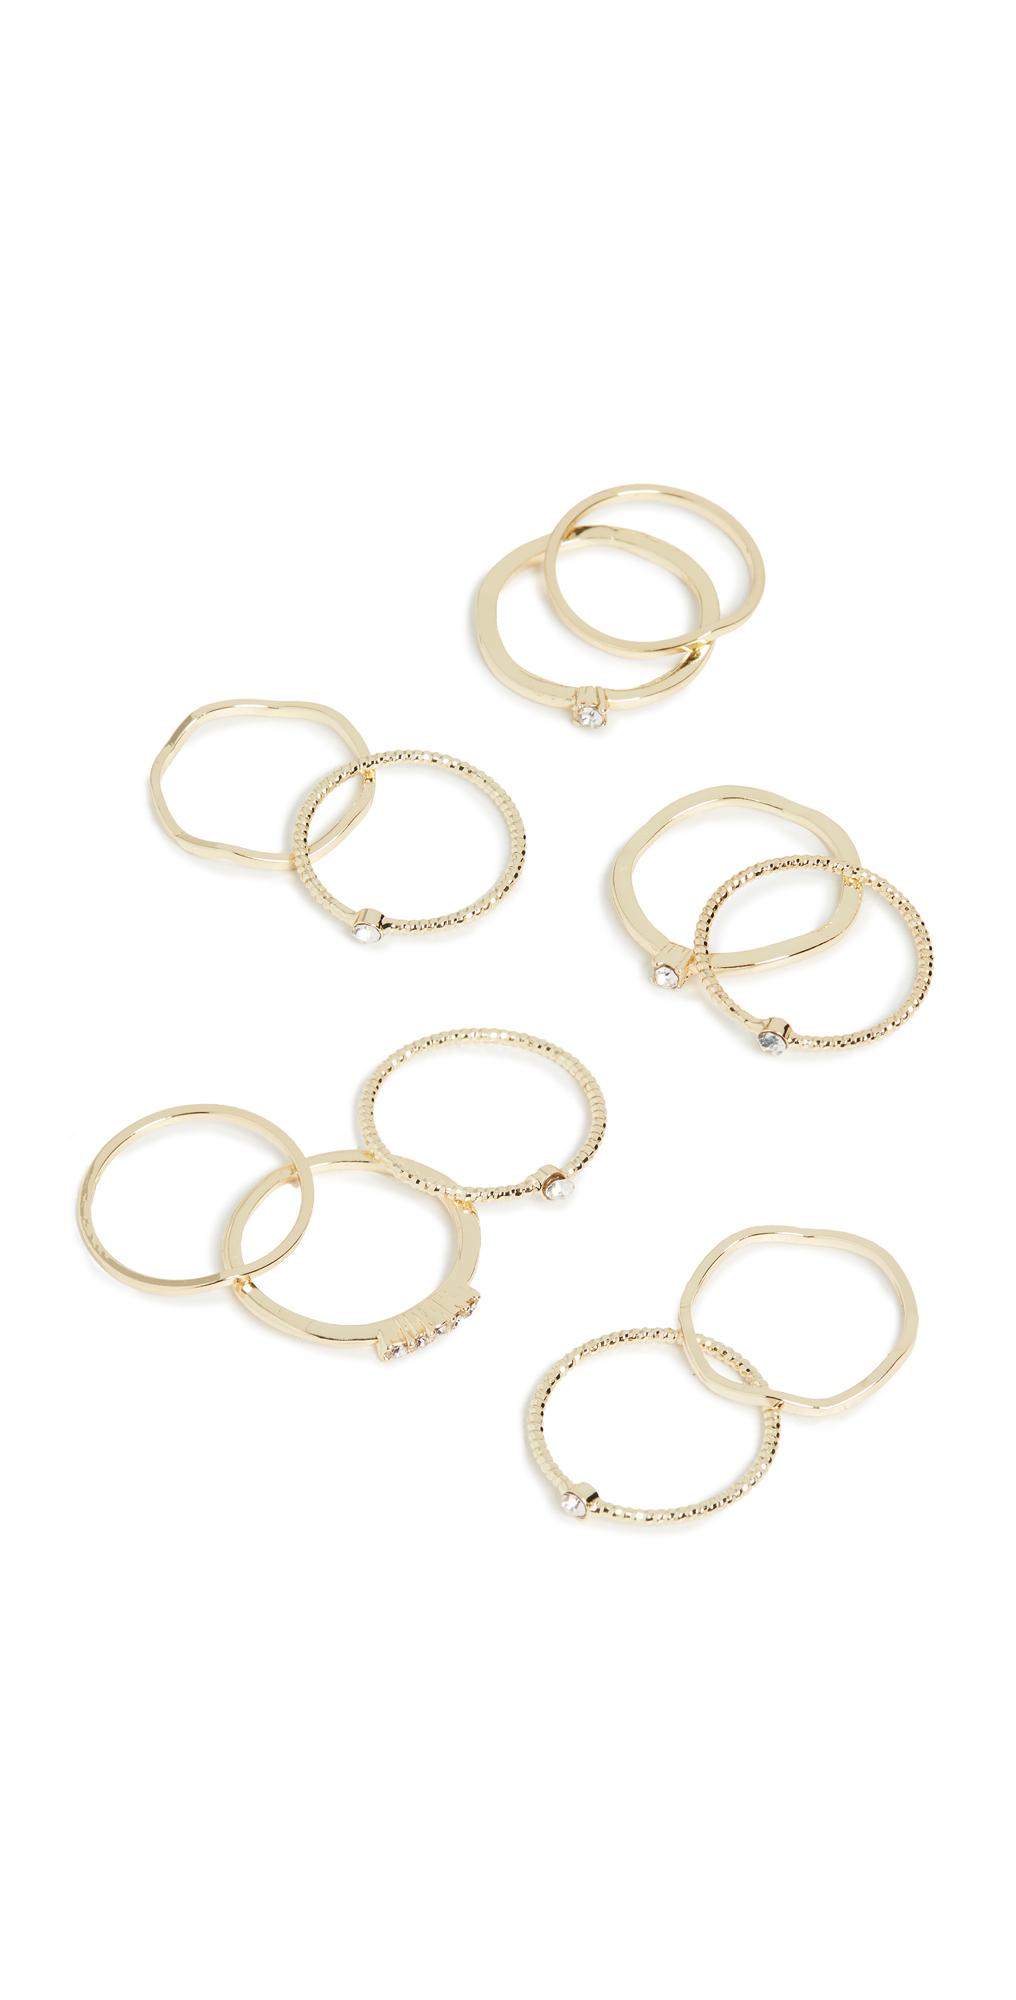 Layered Stacking Ring Set